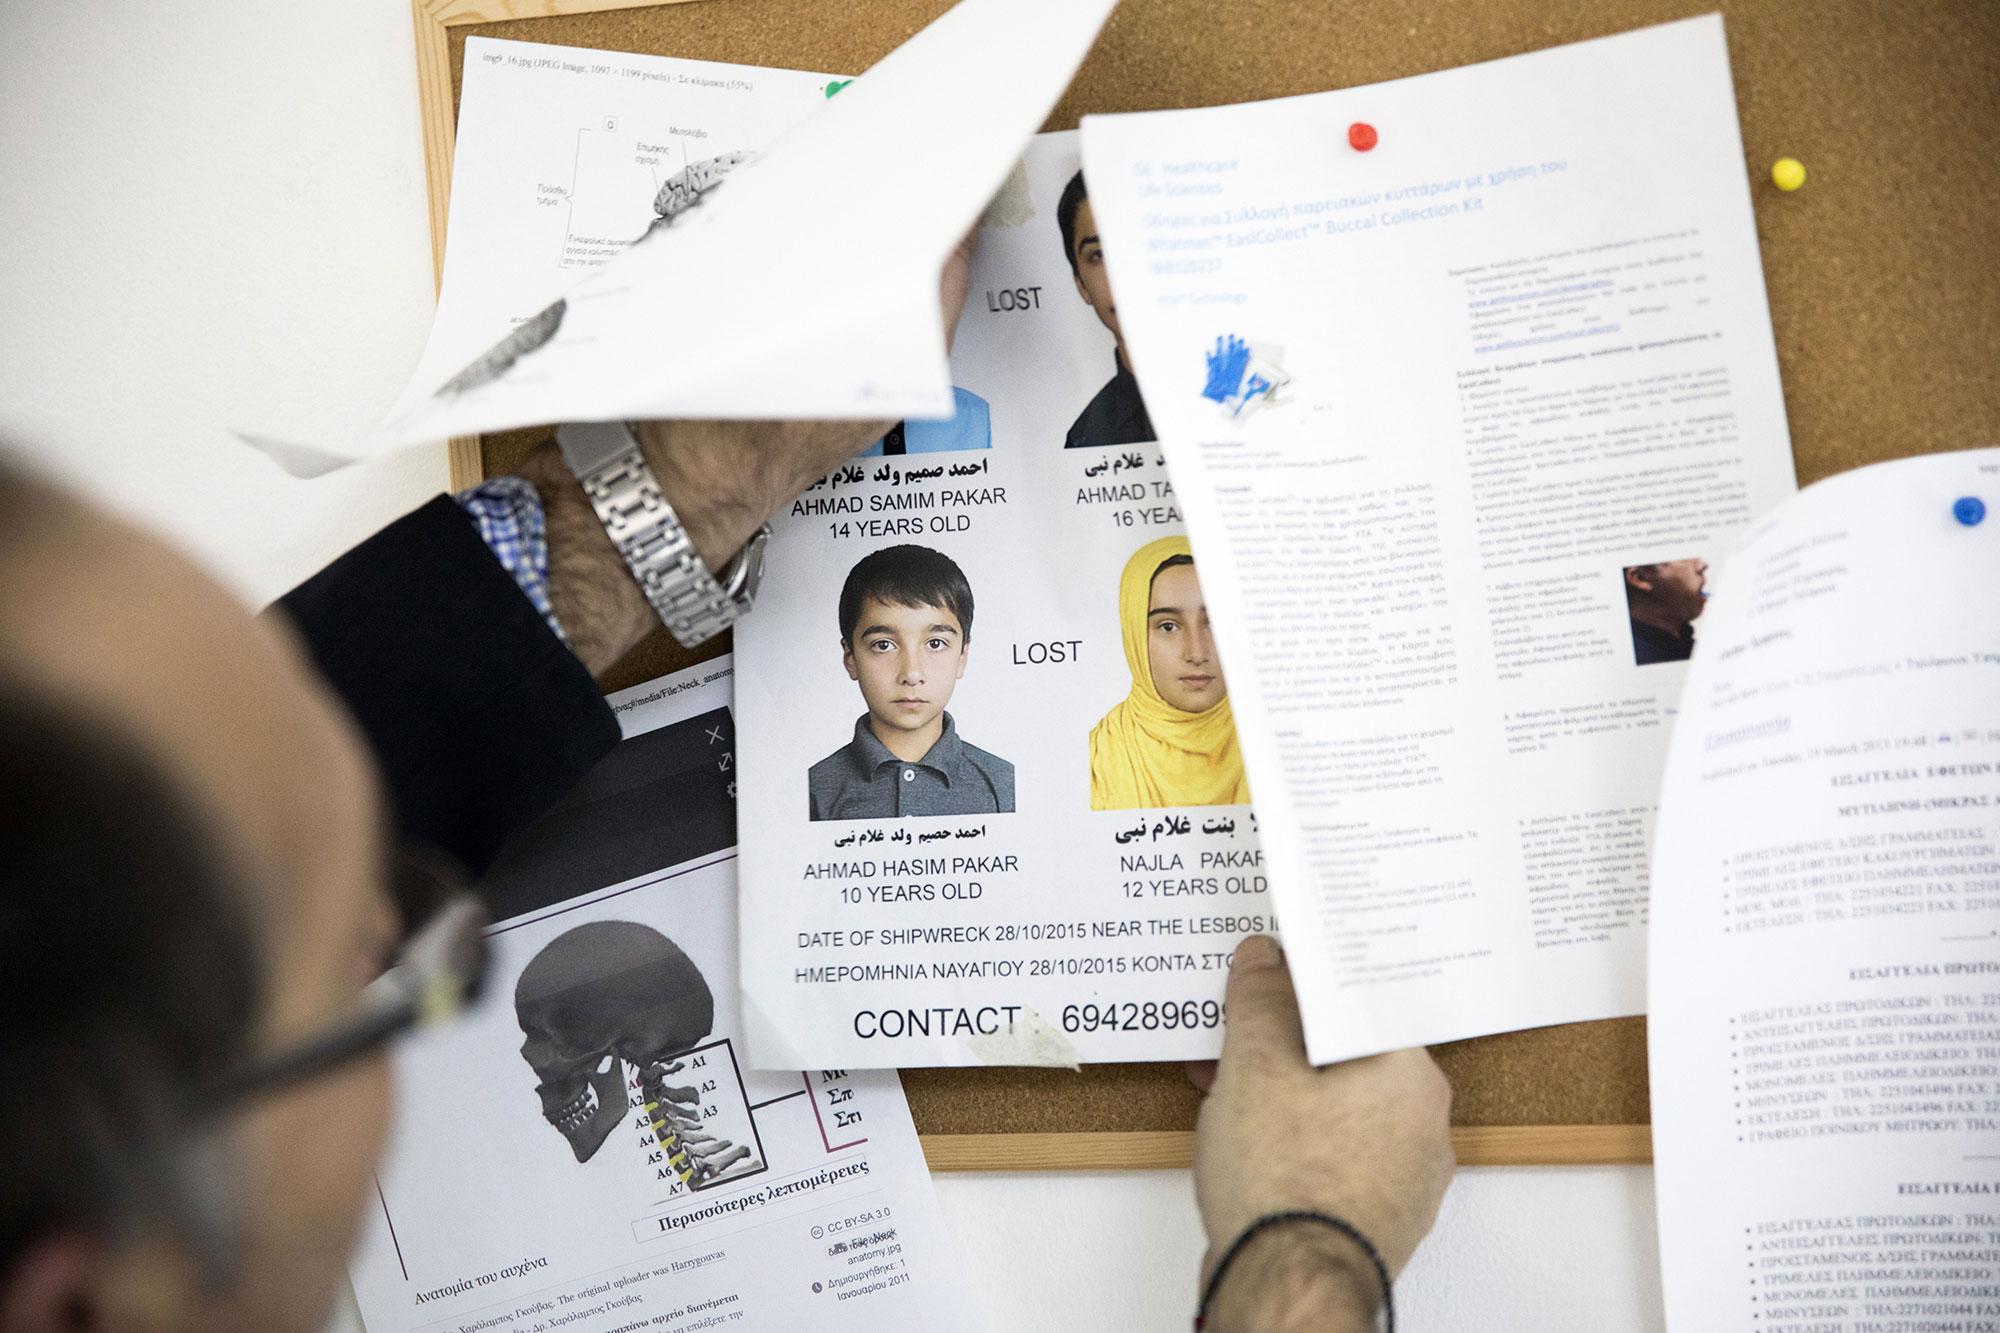 Avis de recherche de 4 jeunes afghans disparus lors d'un naufrage en 2015